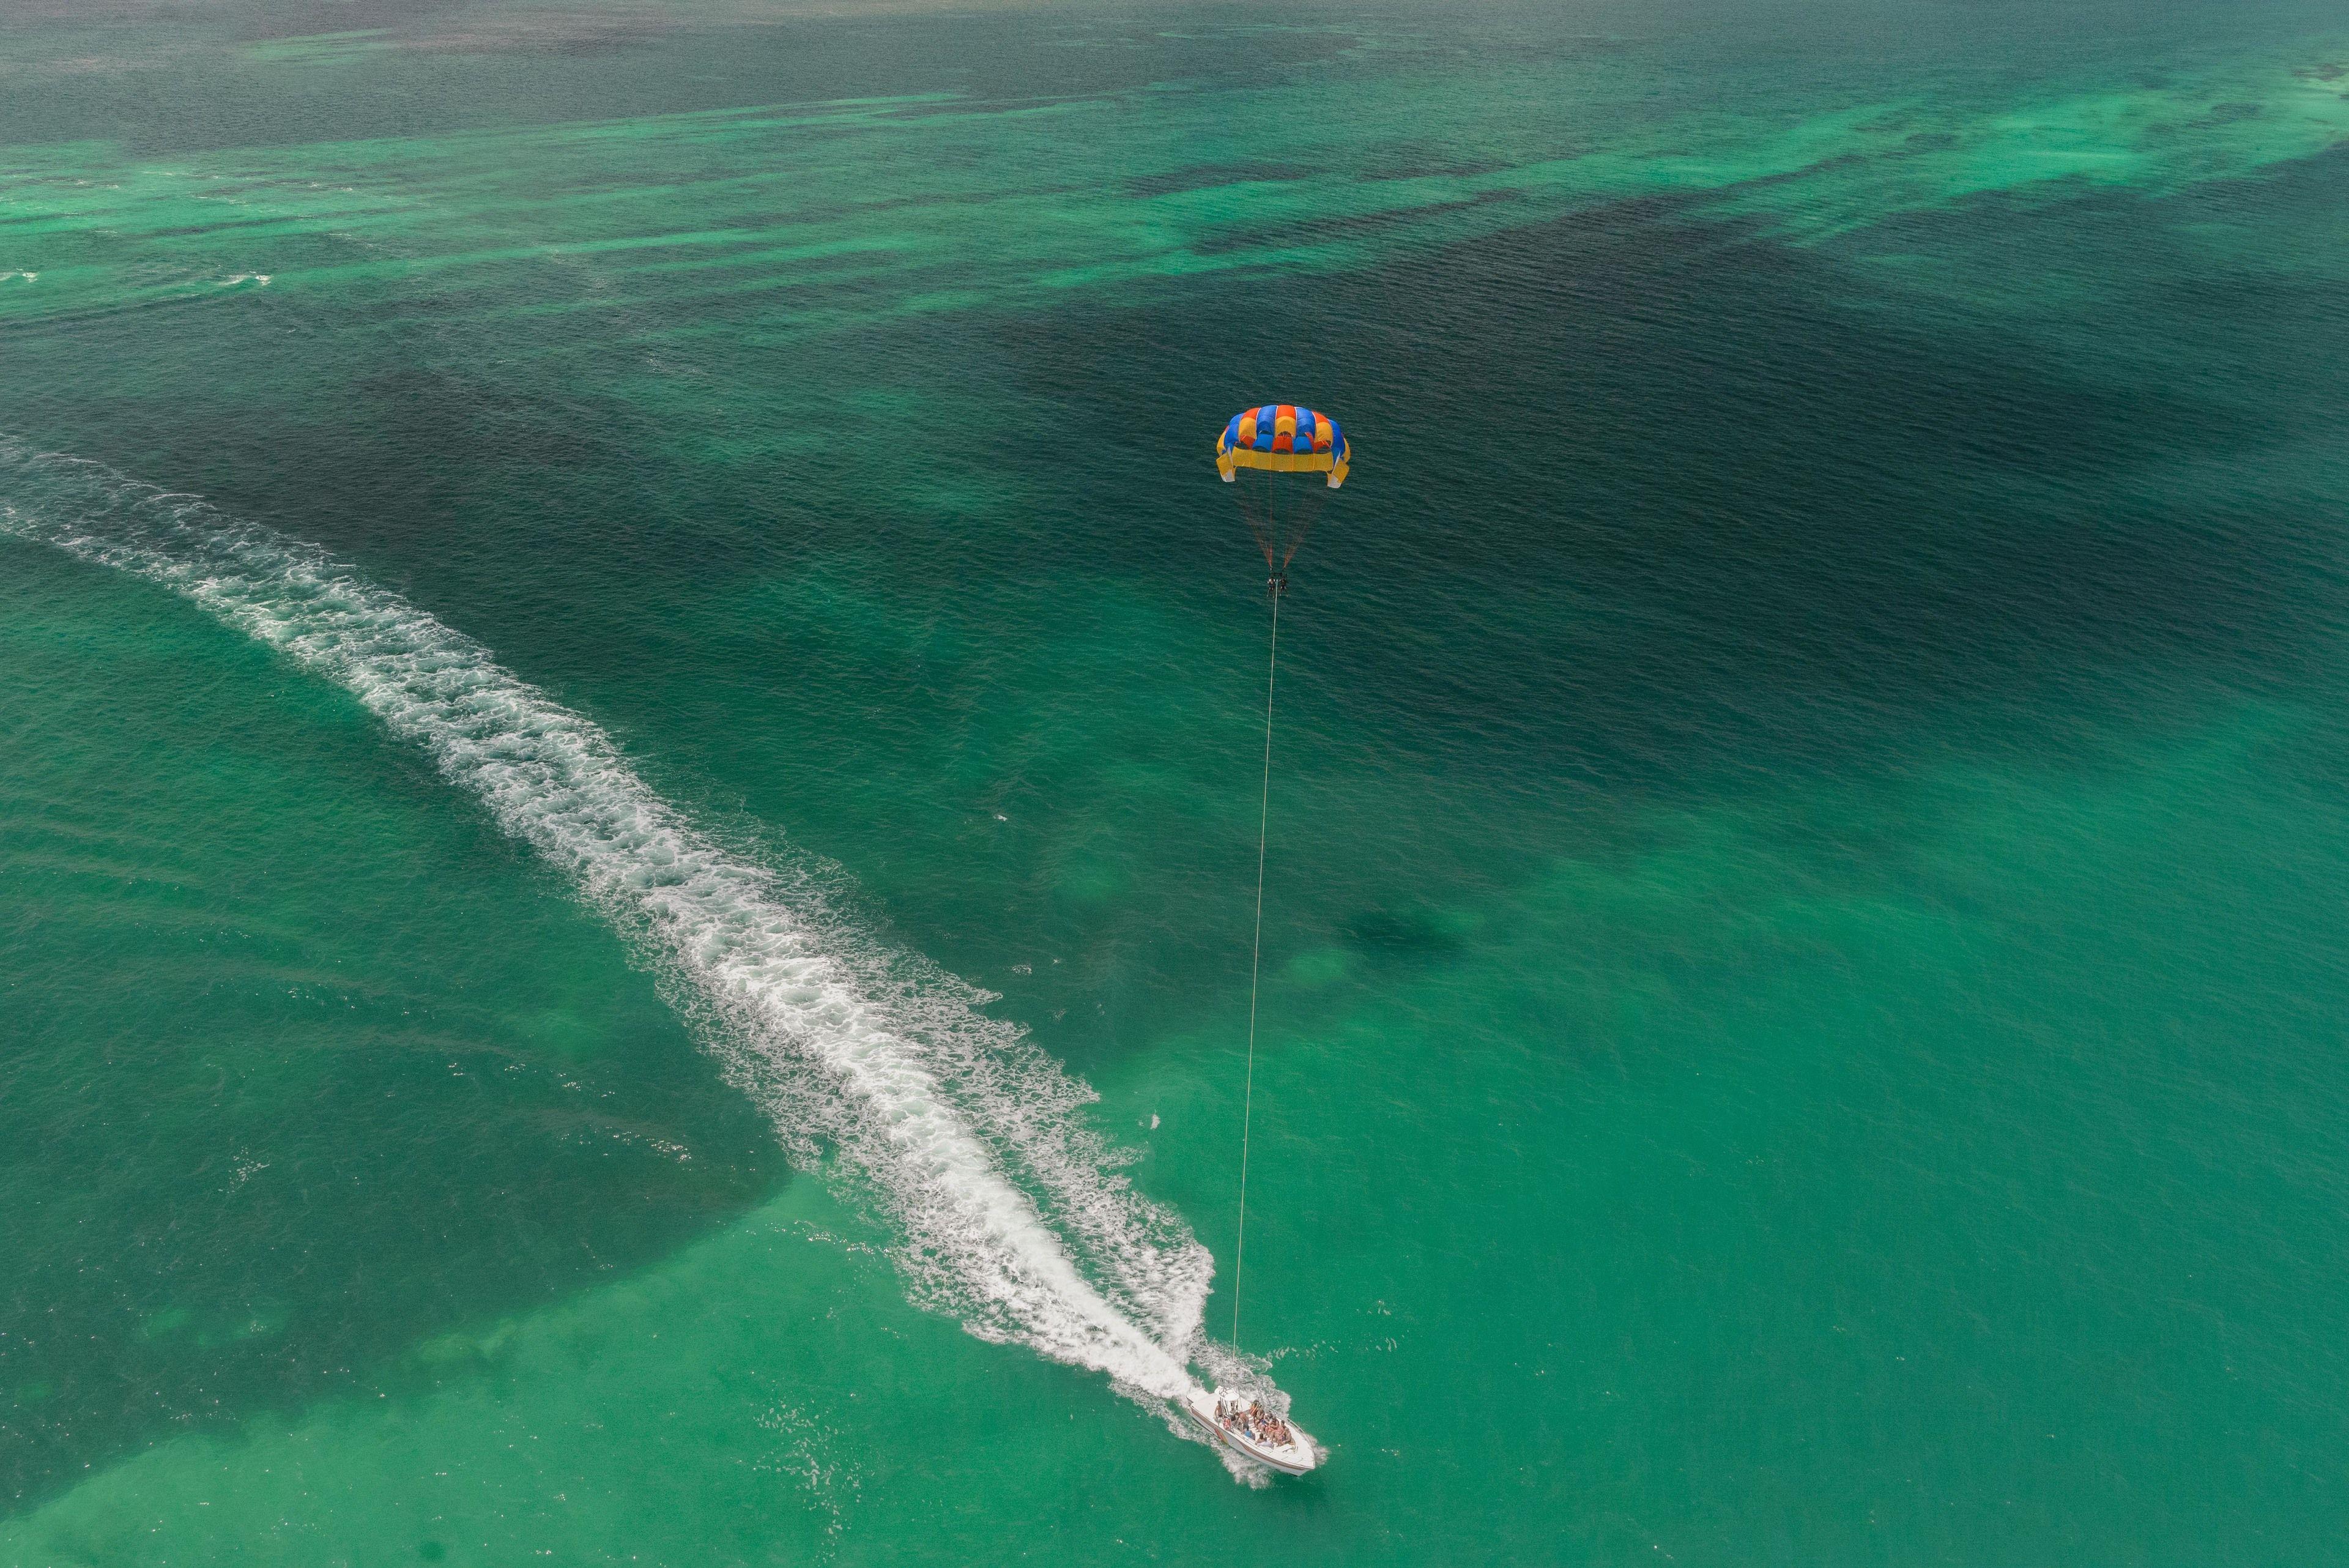 Sebago-Watersports-Power-Adventure-127.jpg